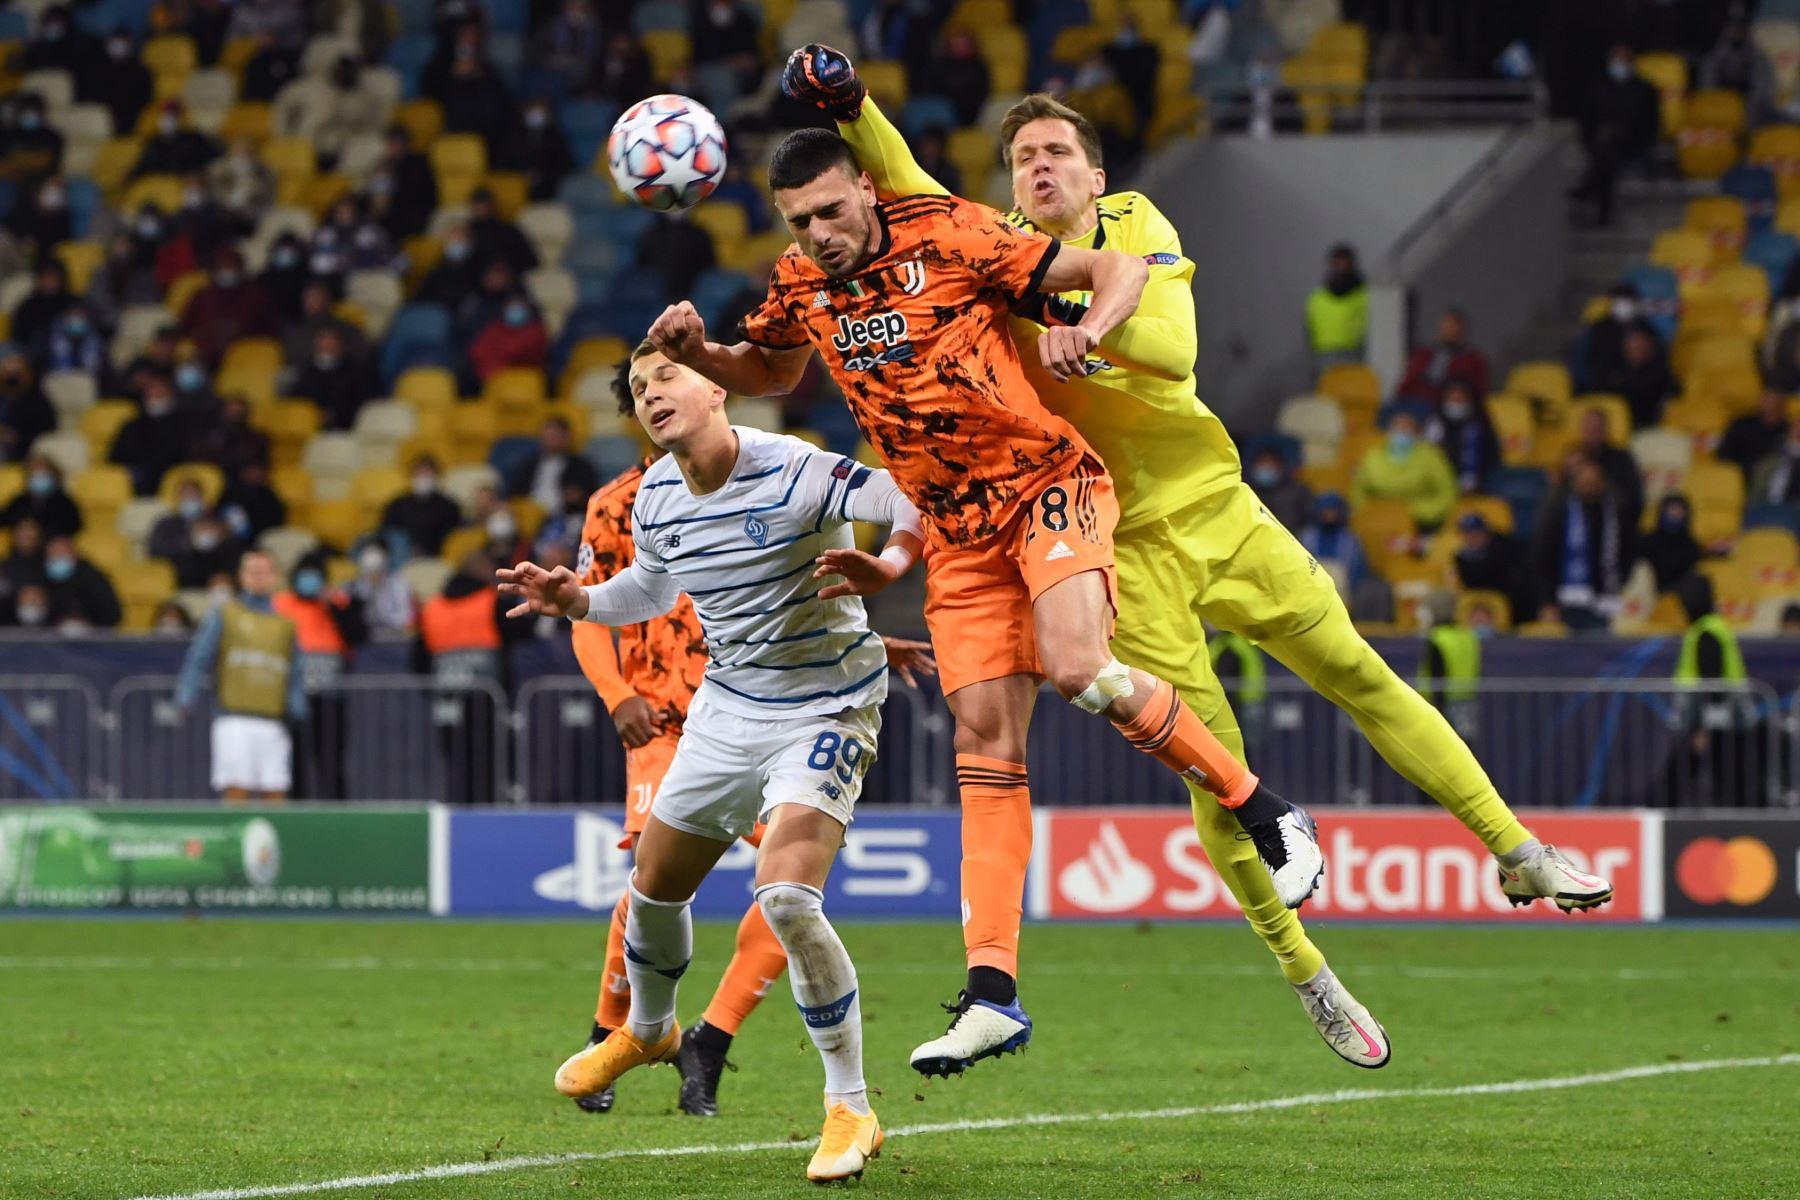 El delantero ucraniano del Dynamo, Kiev Vladyslav Supriaha, el defensor turco de la Juventus, Merih Demiral y el portero polaco de la Juventus Wojciech Szczesny en una acción durante el partido de fútbol del grupo G de la Liga de Campeones de la UEFA. Foto: AFP